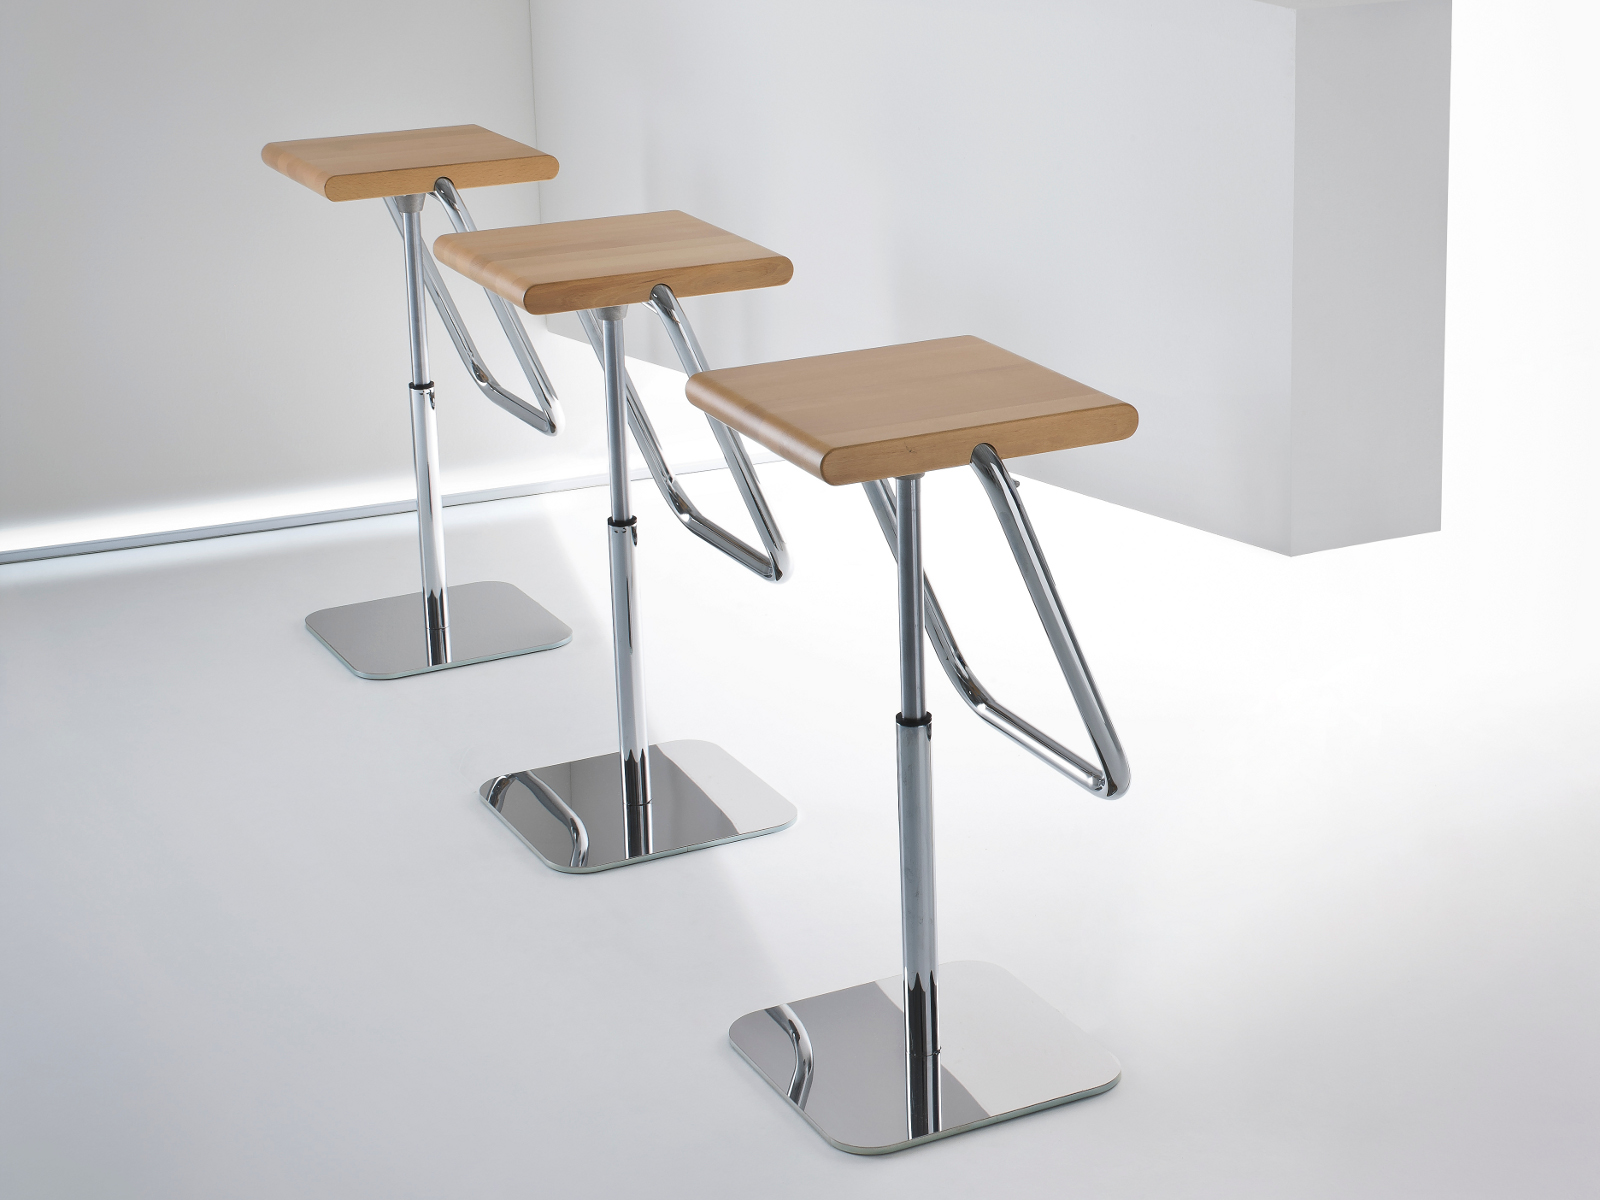 Sgabelli Girevoli Legno : Ikea sgabelli cucina ikea sgabelli cucina with ikea sgabelli